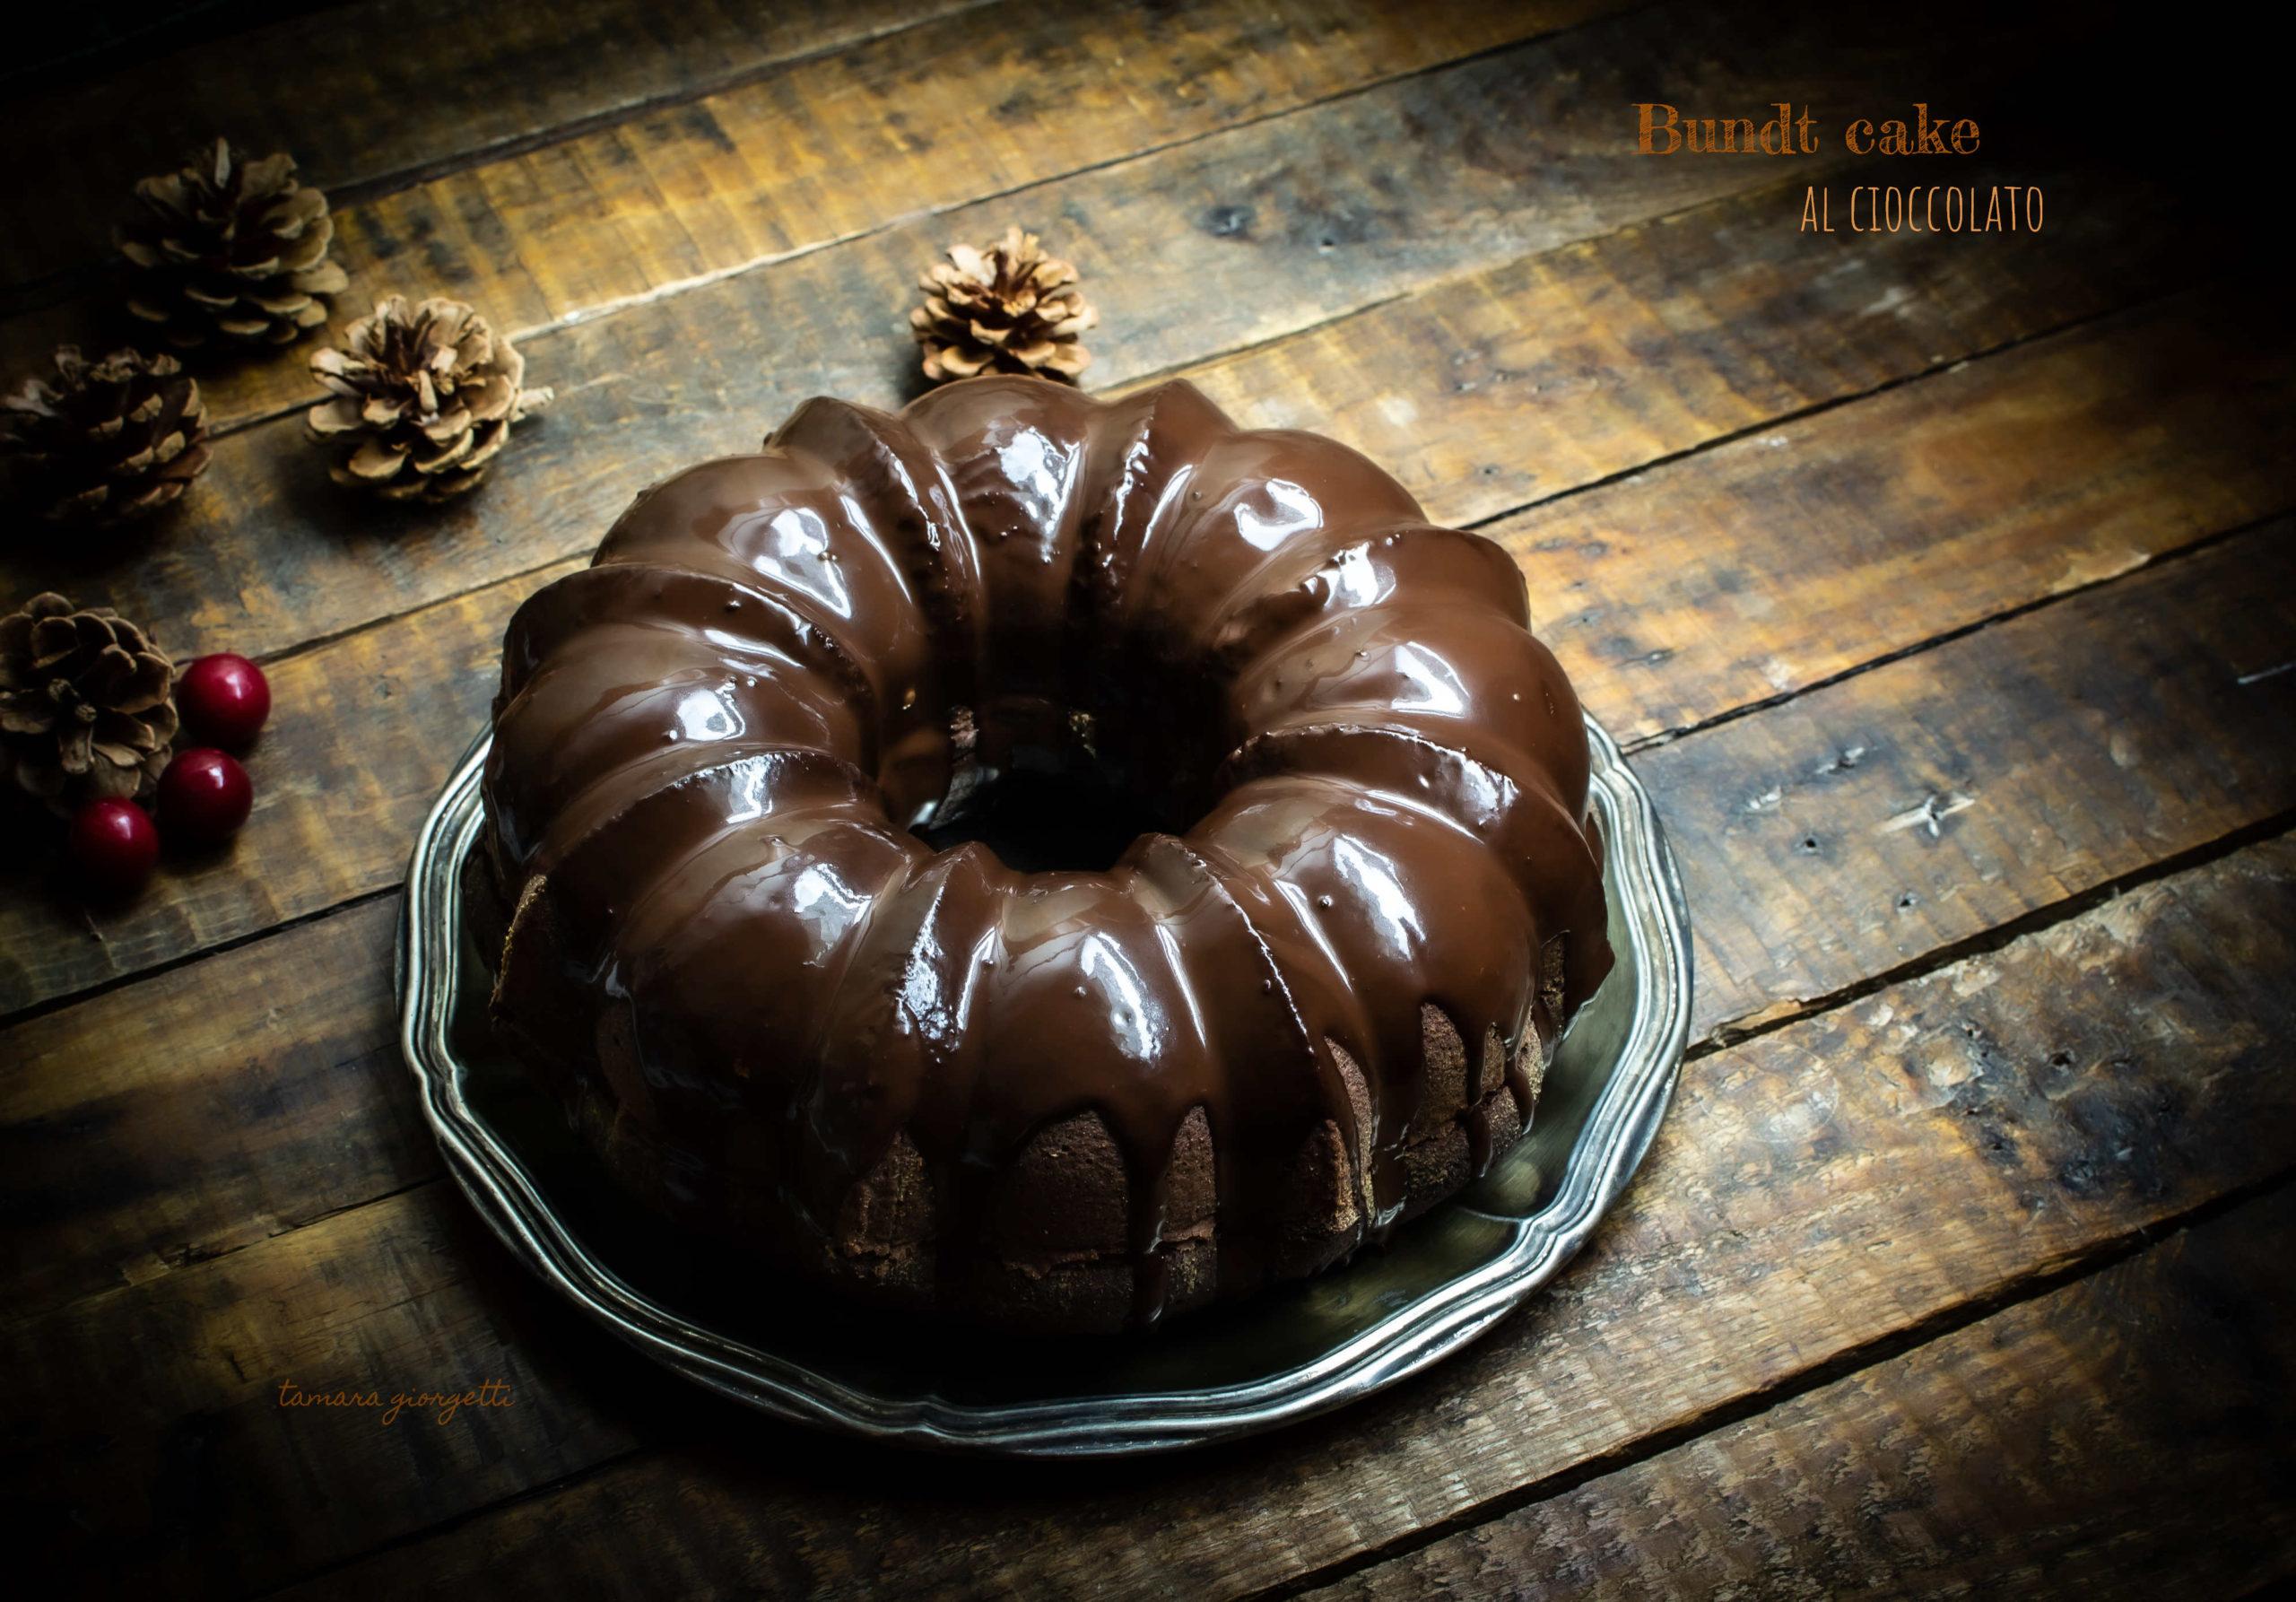 Bundtcake Al Cioccolato